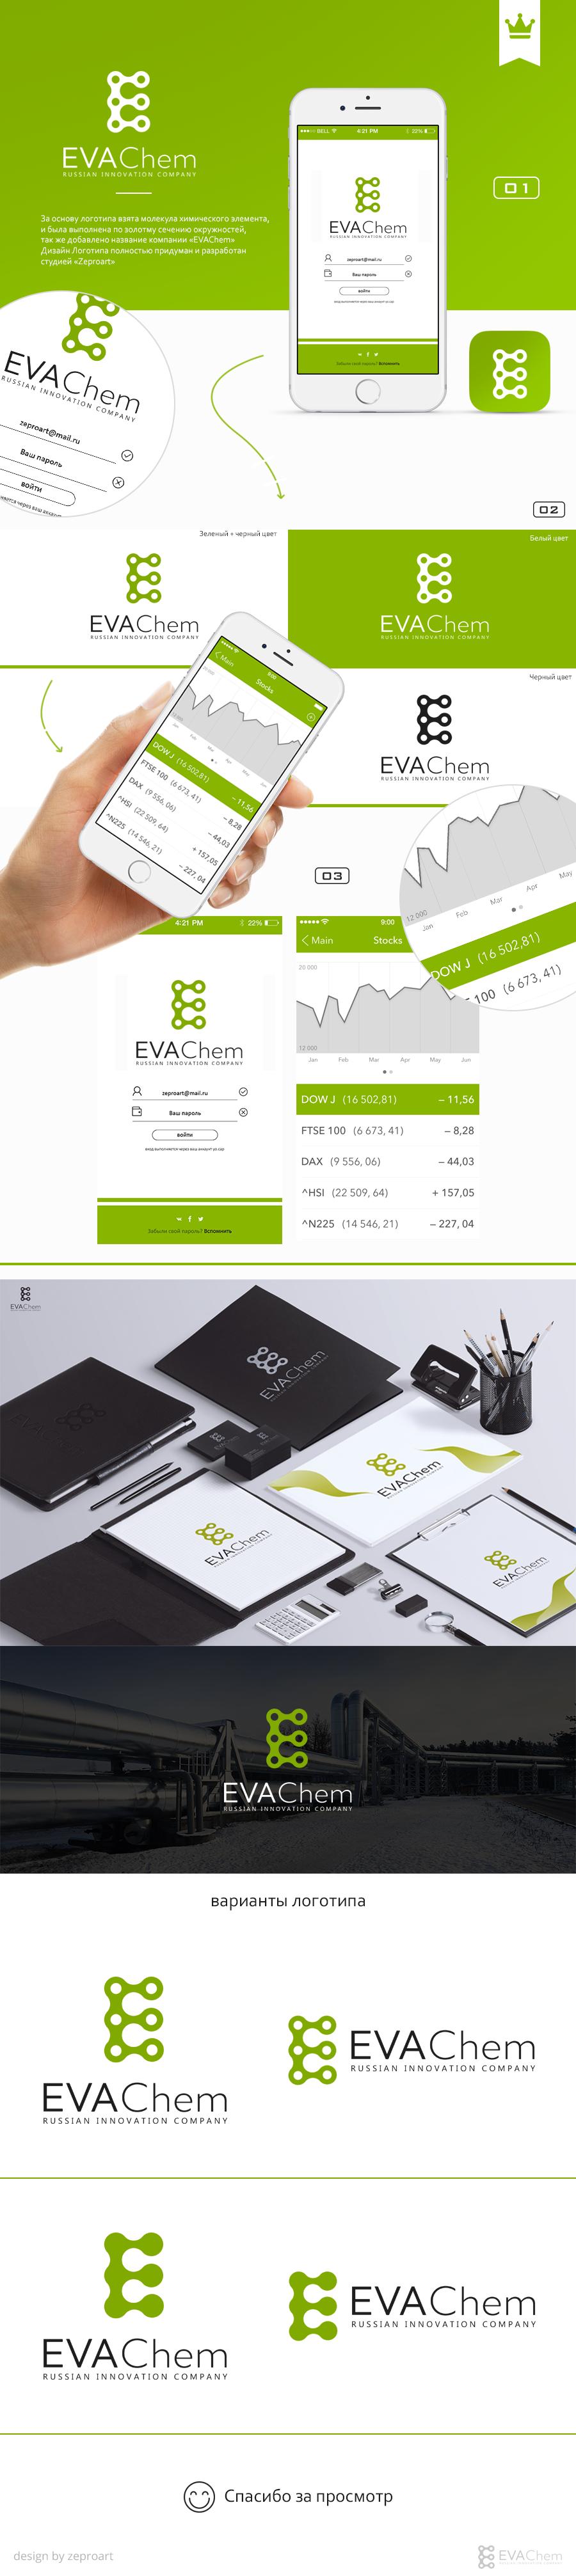 Разработка логотипа и фирменного стиля компании фото f_586571e077de1b11.png